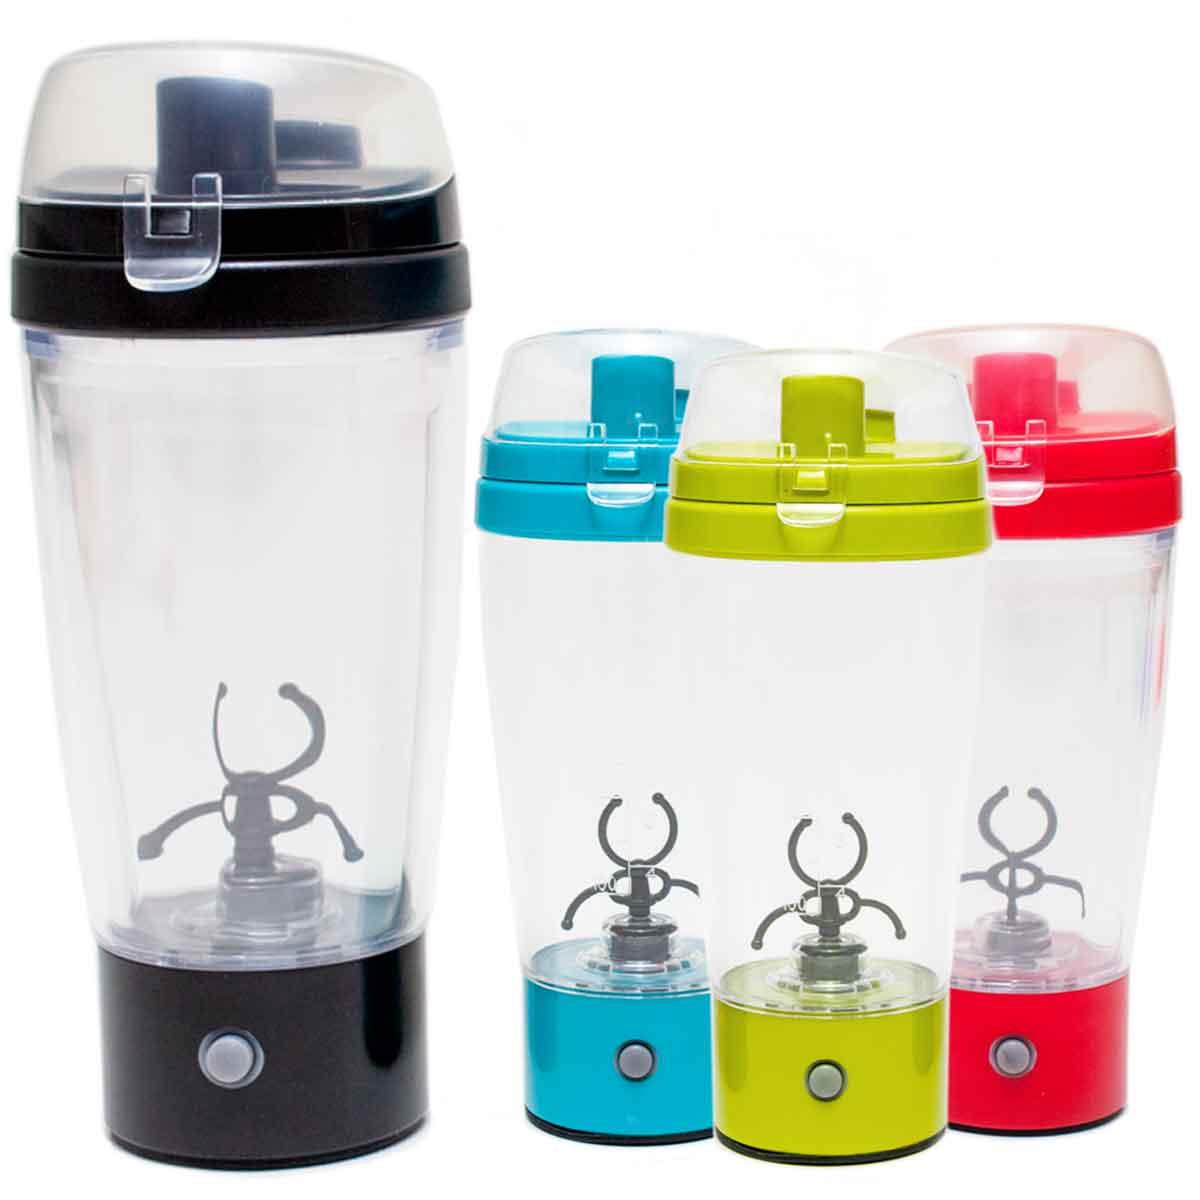 Coqueteleira Garrafa Squeeze Elétrica 450ml Mixer Shaker